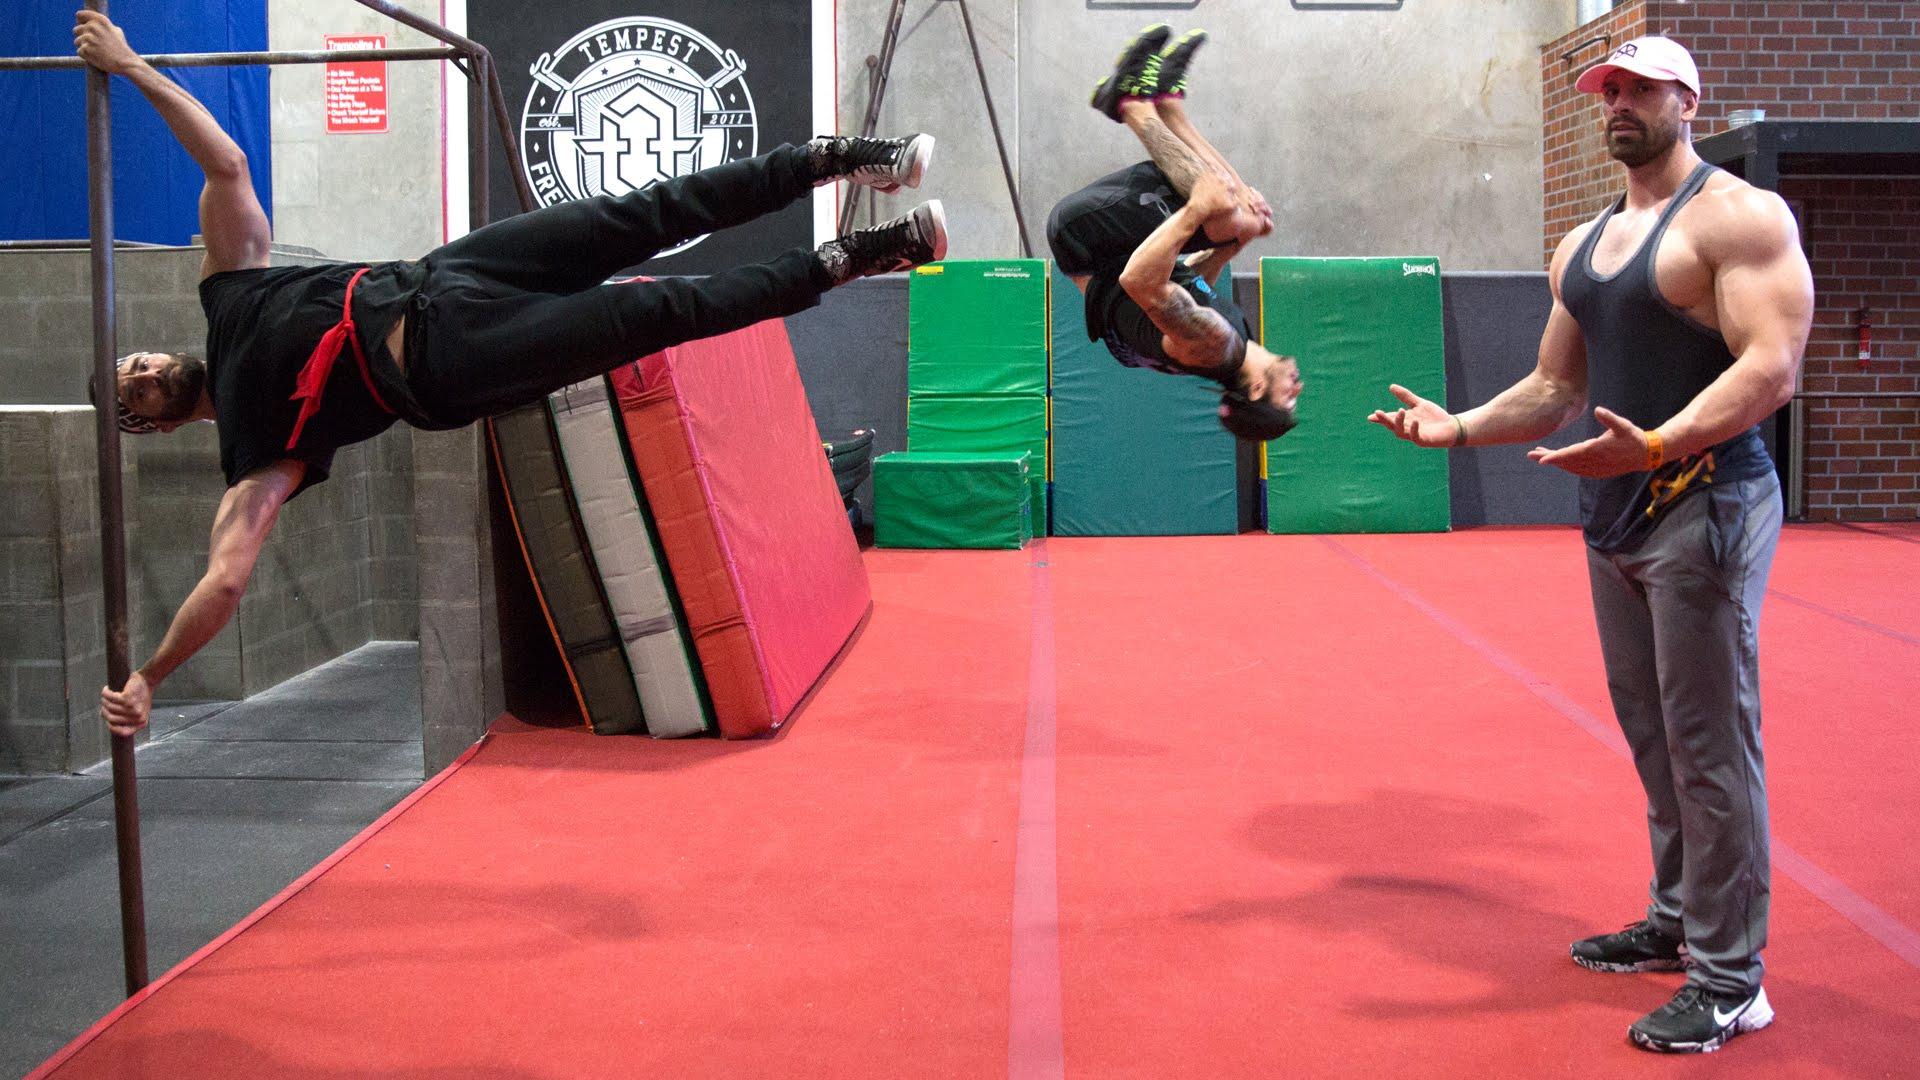 Watch Bradley Martyn Vs American Ninja Warrior Fitness